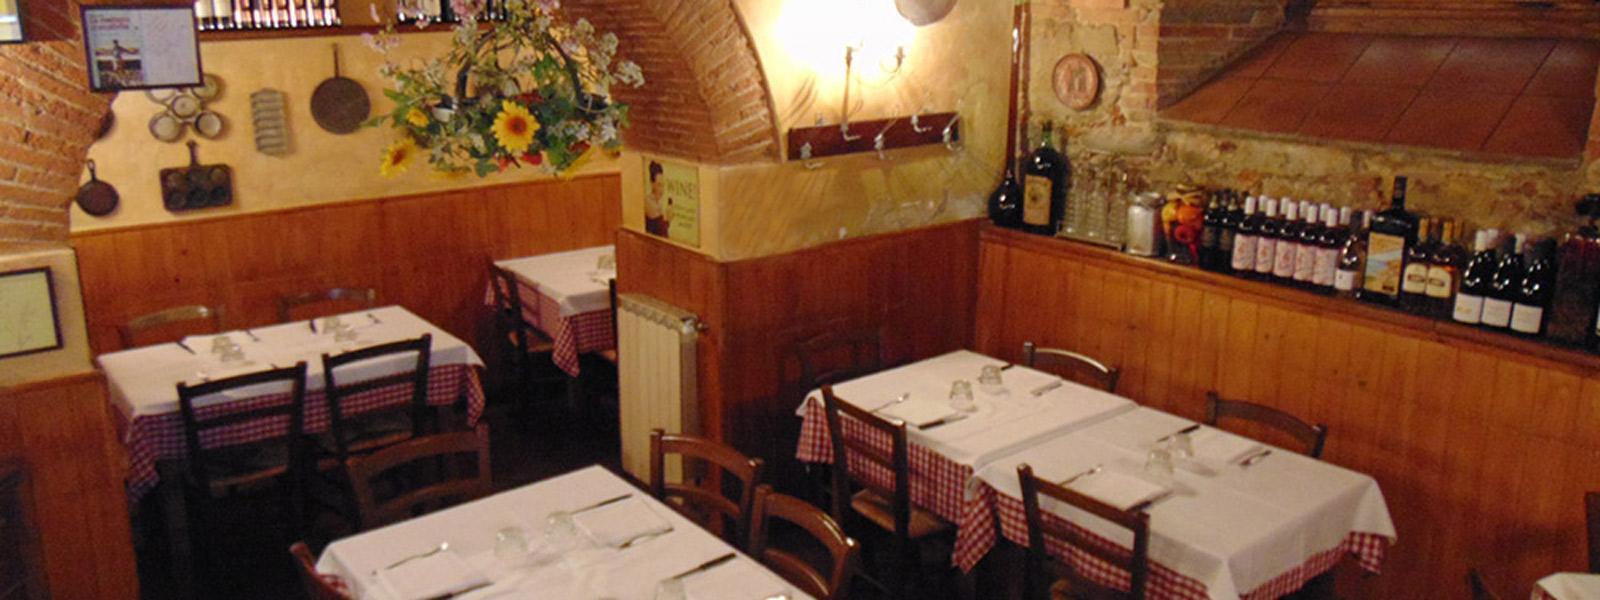 Ristorante Il Cantuccio Arezzo Vetrinando